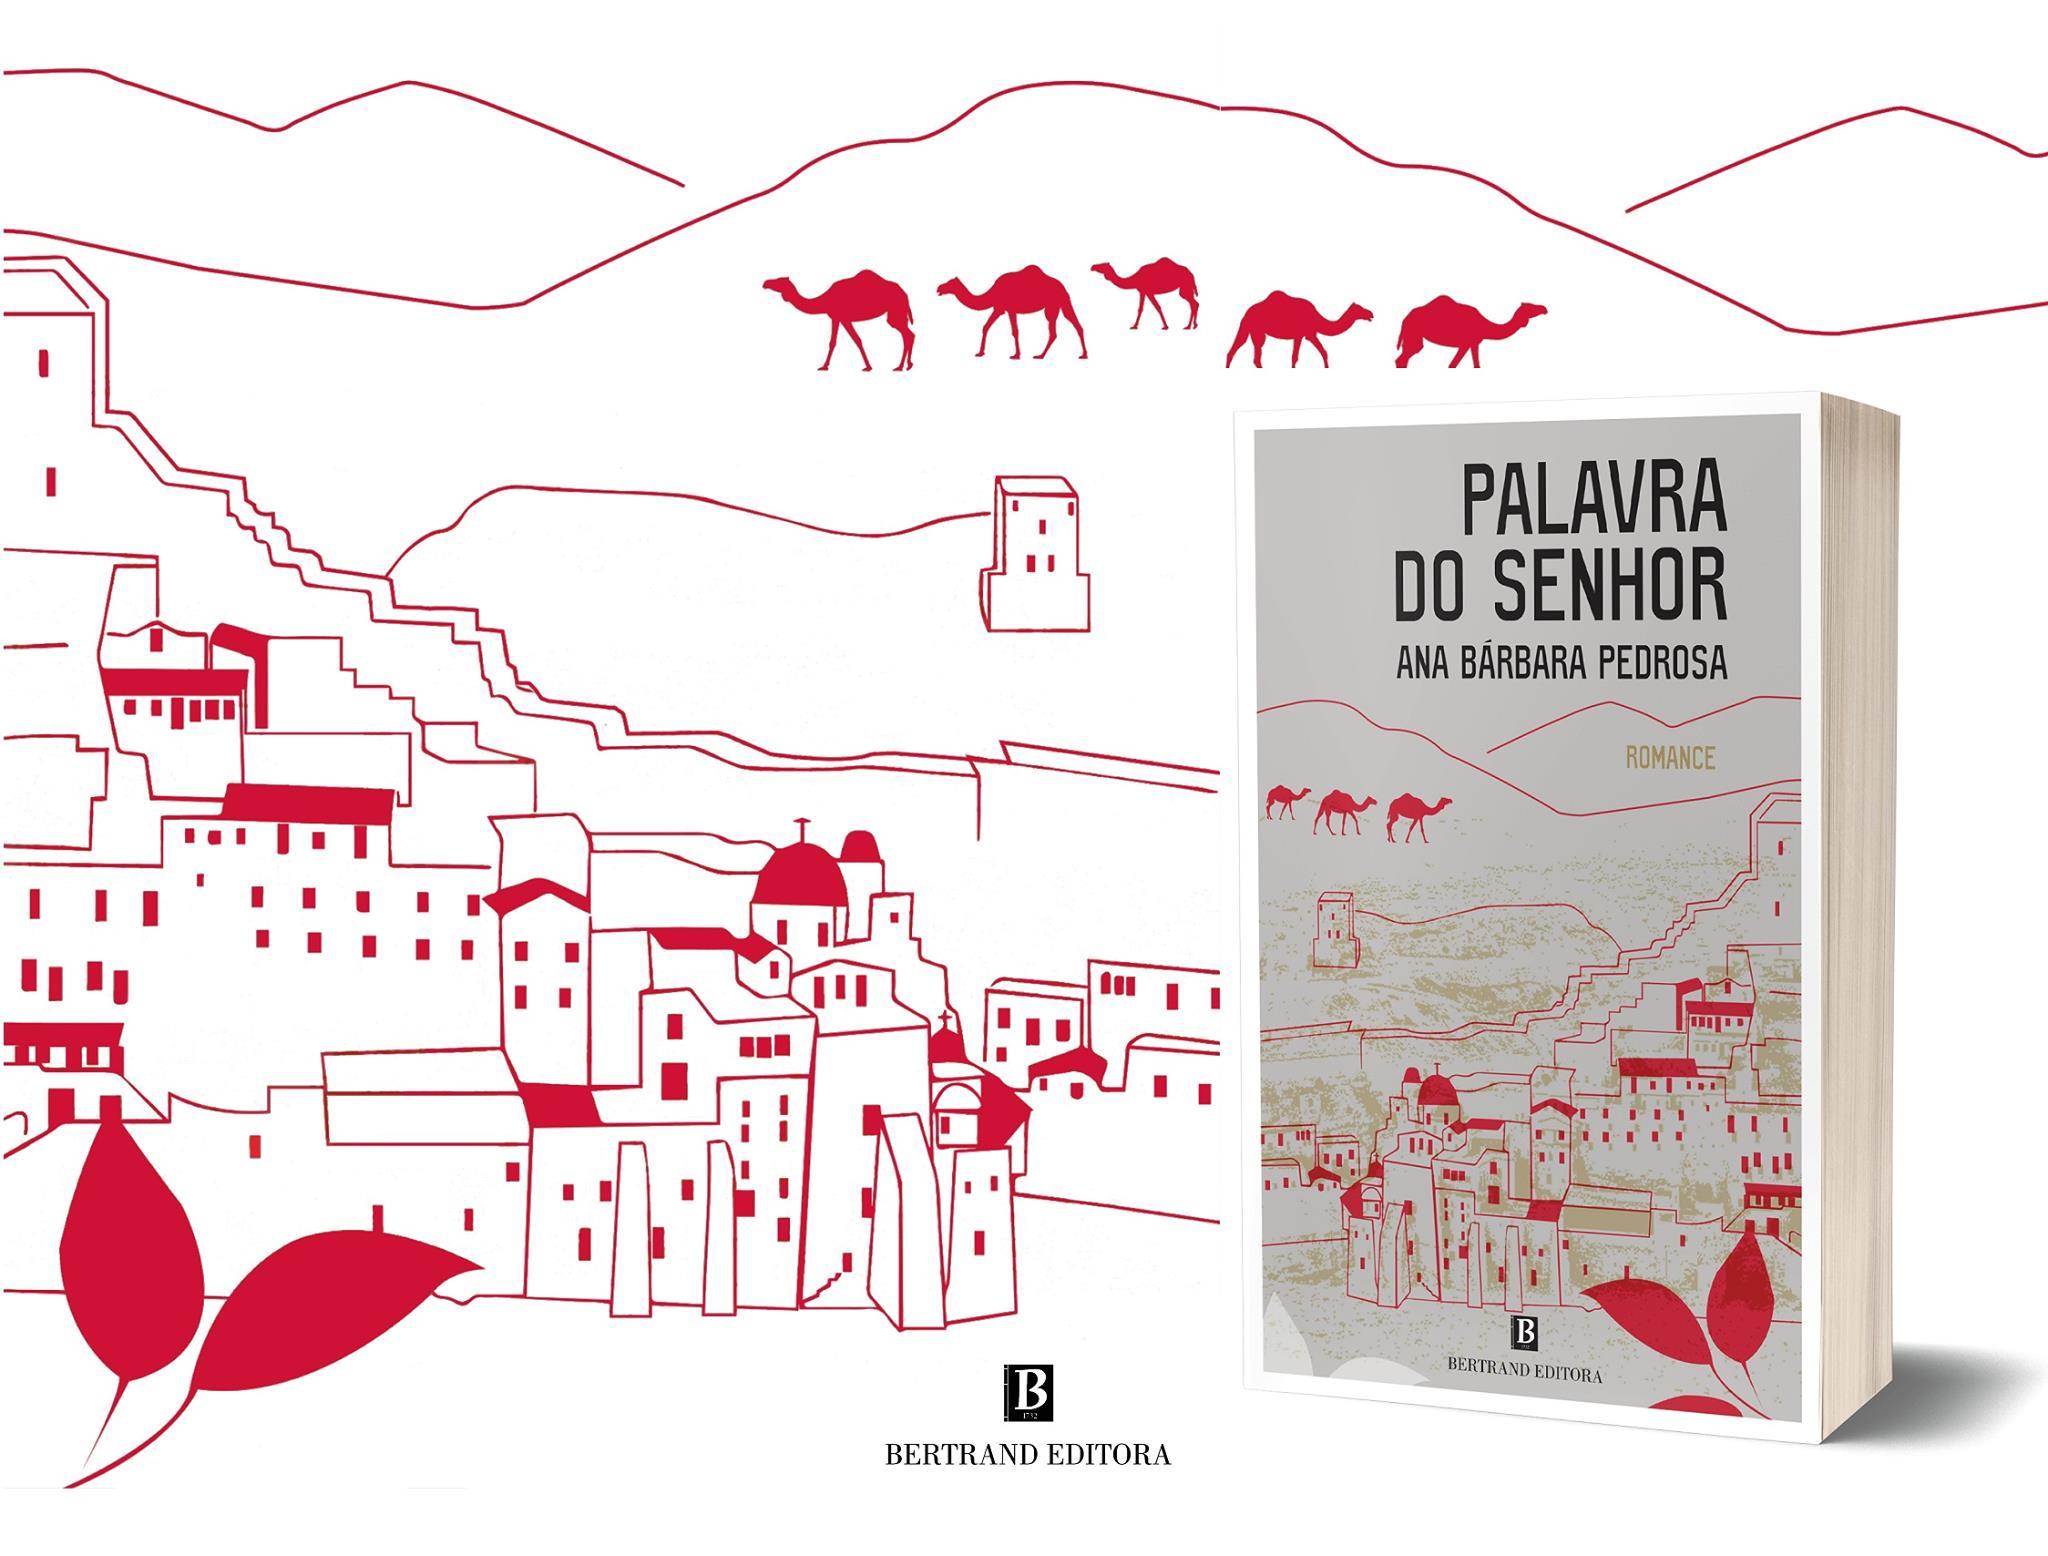 Livros a Oeste - Troca Direta - Ana Bárbara Pedrosa e Tânia Ganho apresentam os livros uma da outra